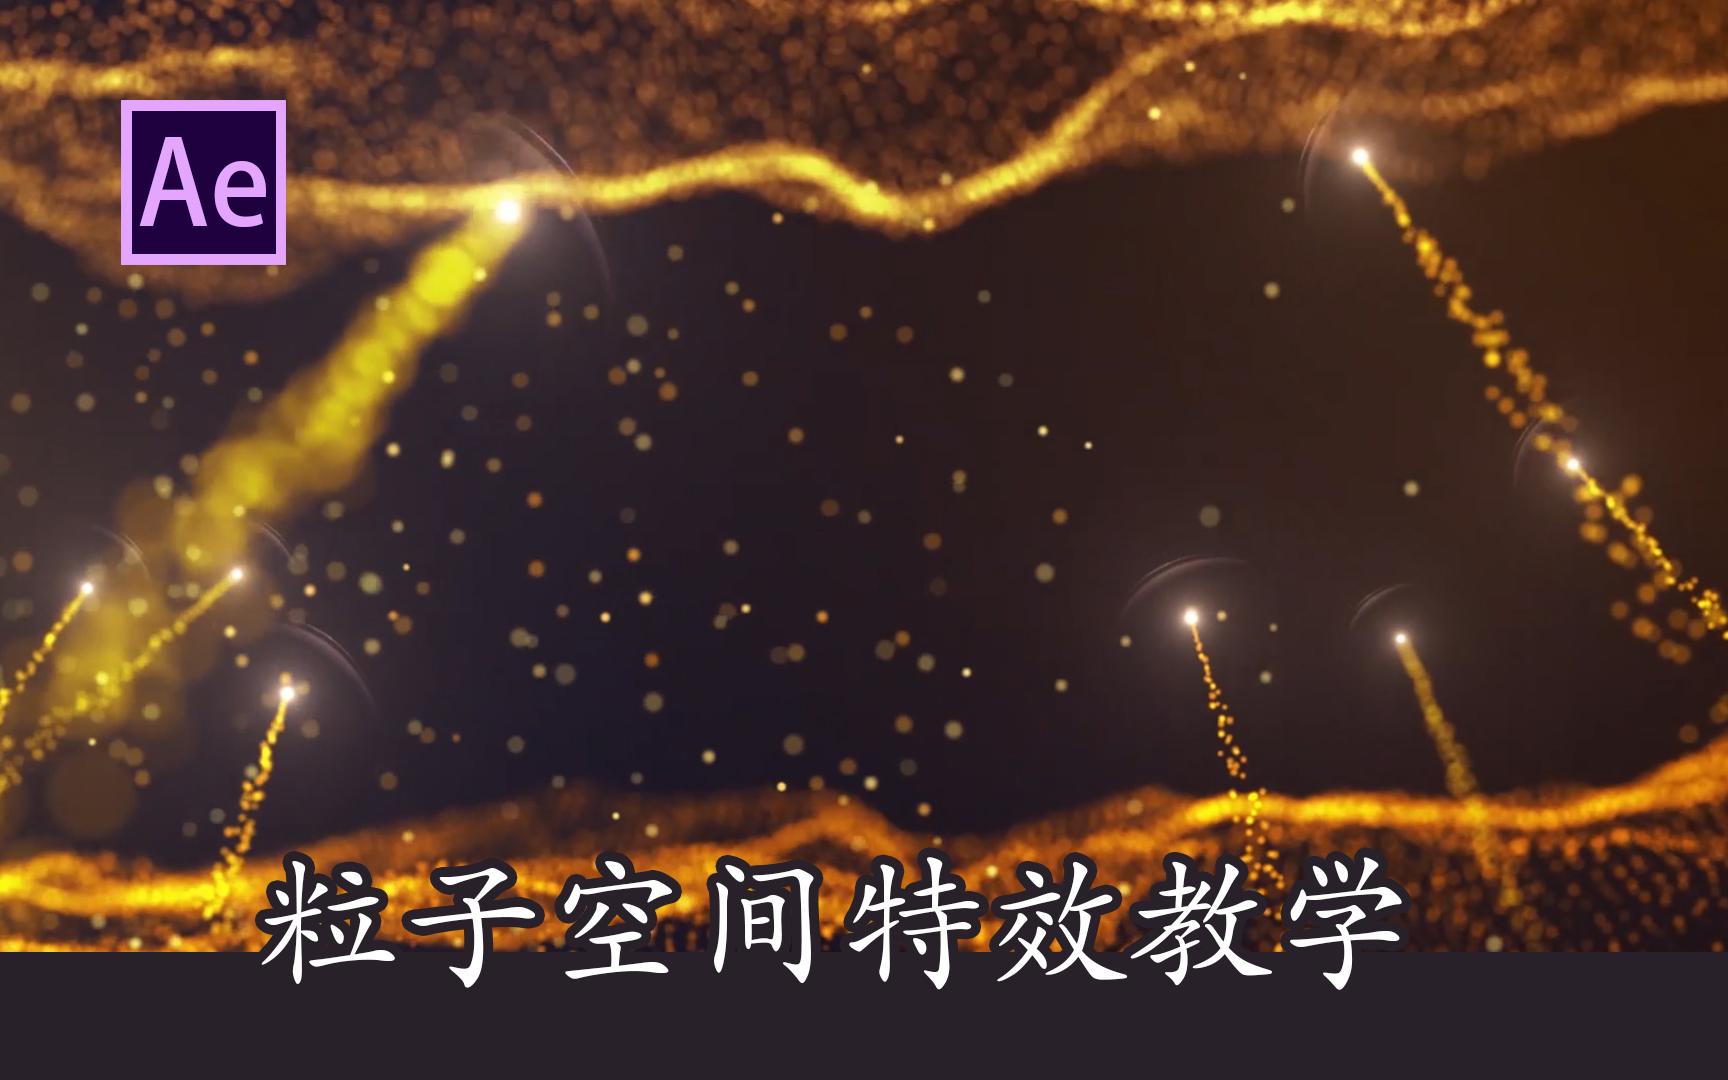 AE教程】超唯美的粒子空间特效教学